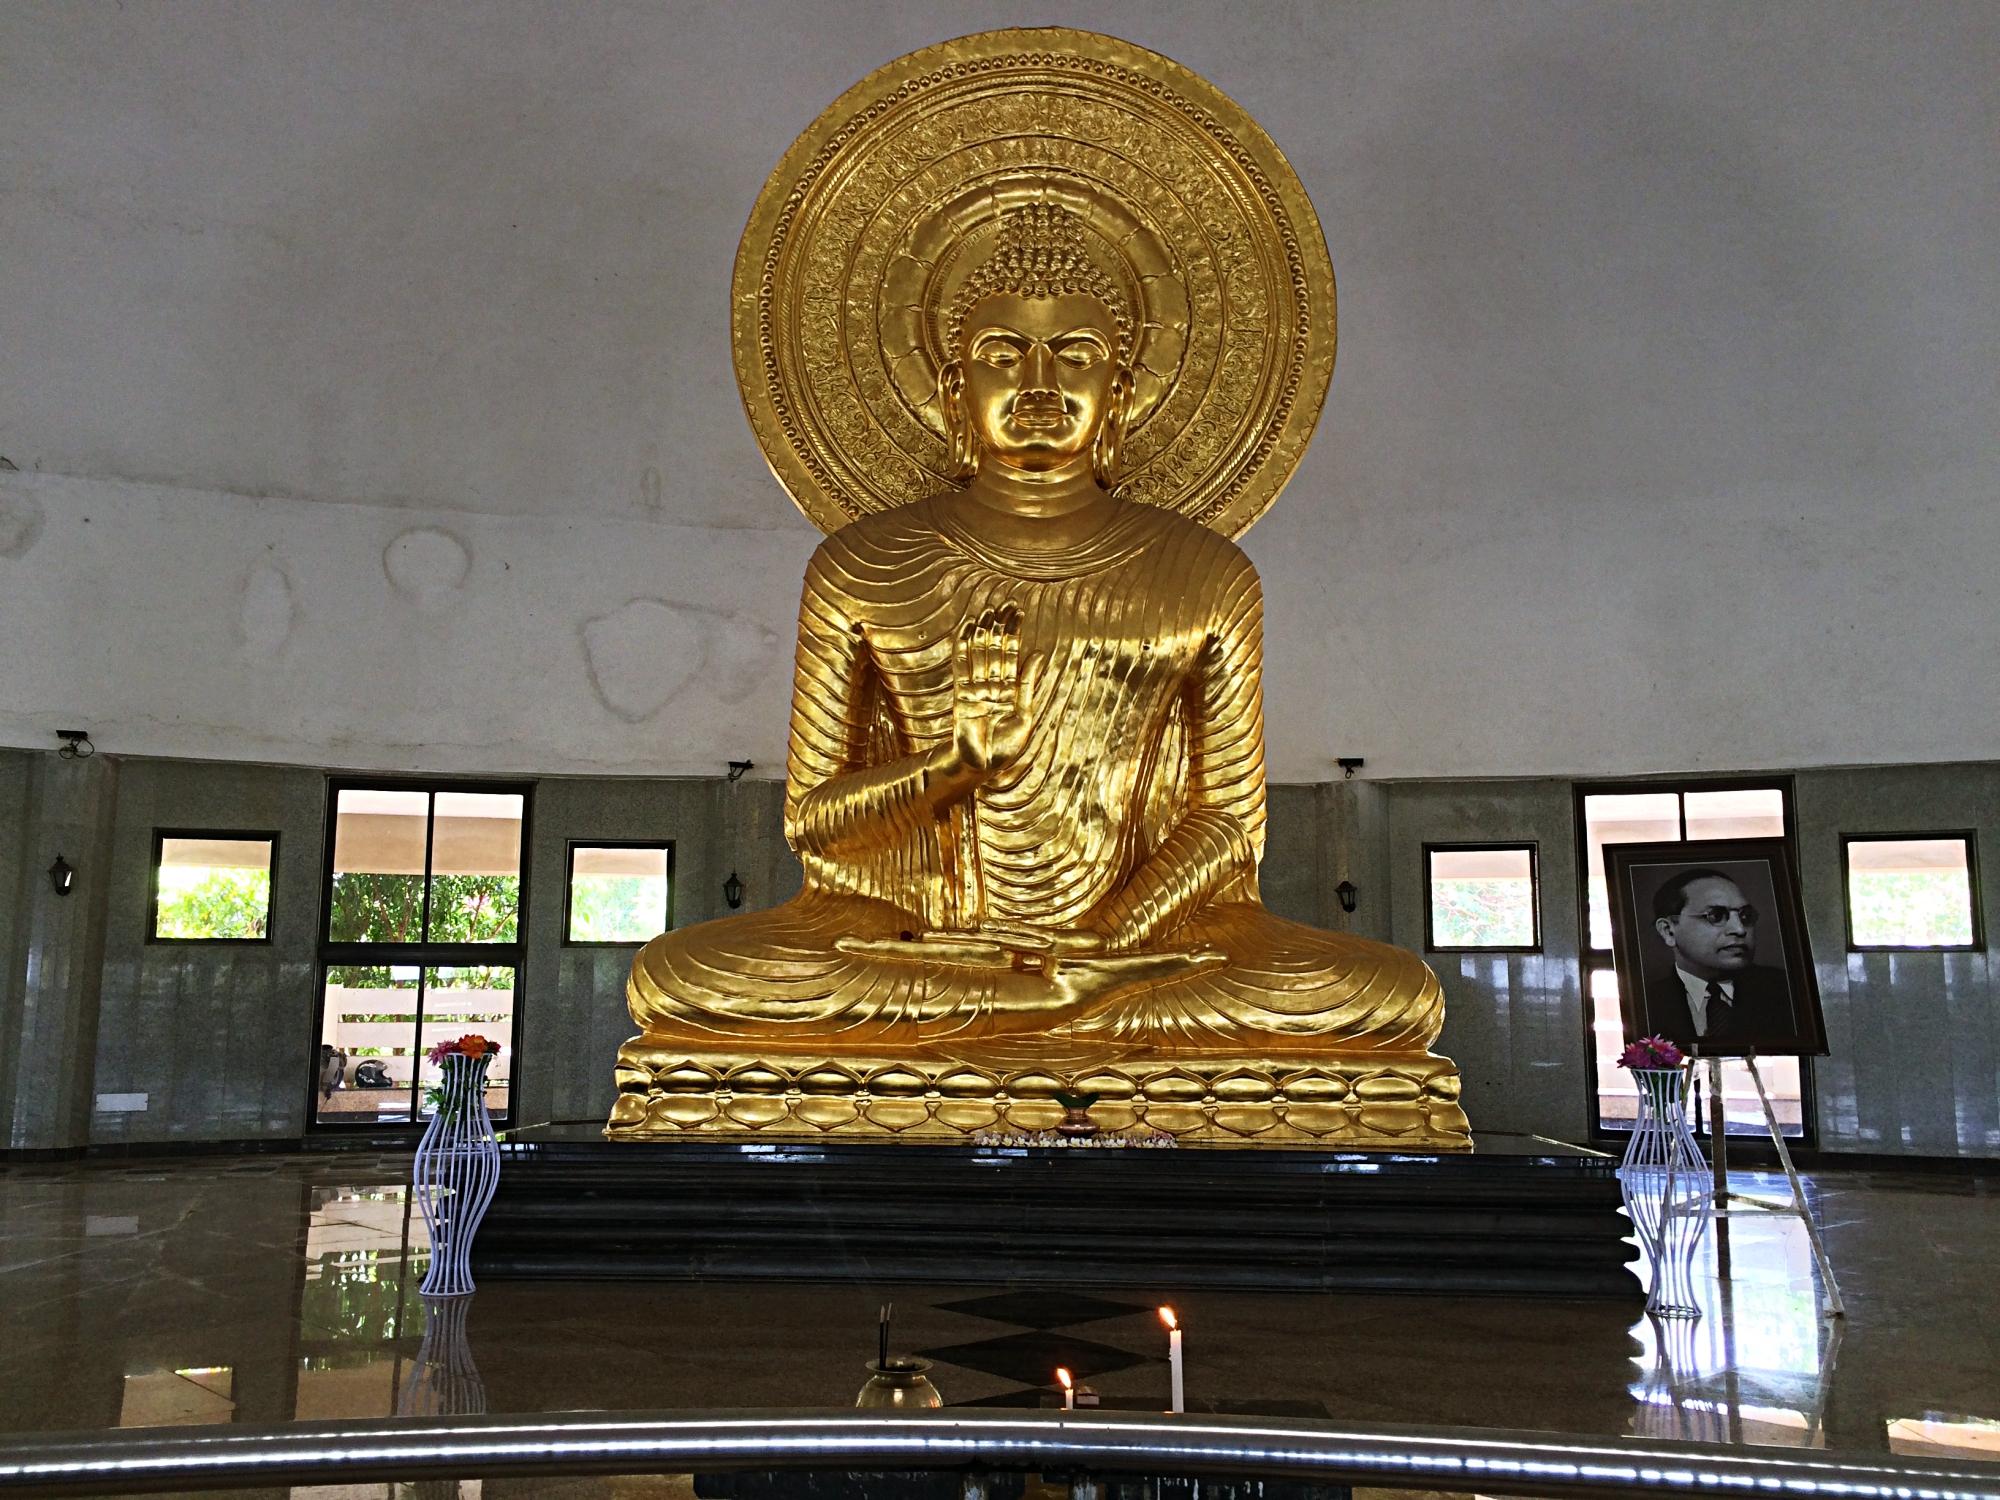 Golden Buddha Statue in Nashik